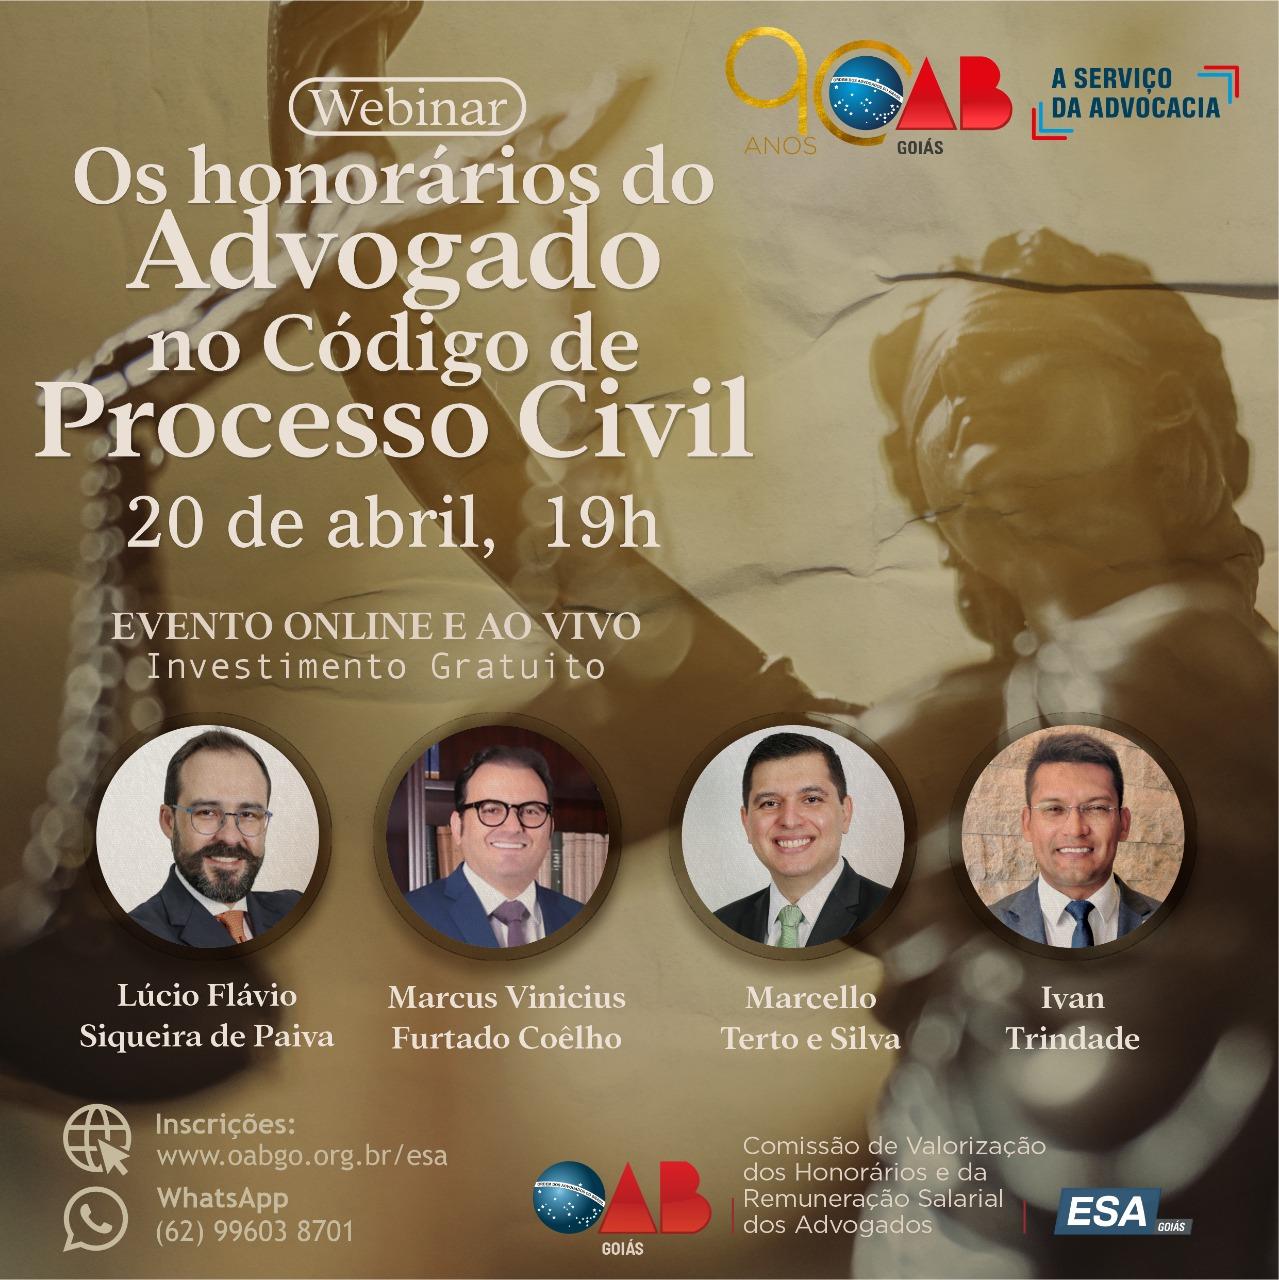 20.04 - Os Honorários do Advogado no Código de Processo Civil